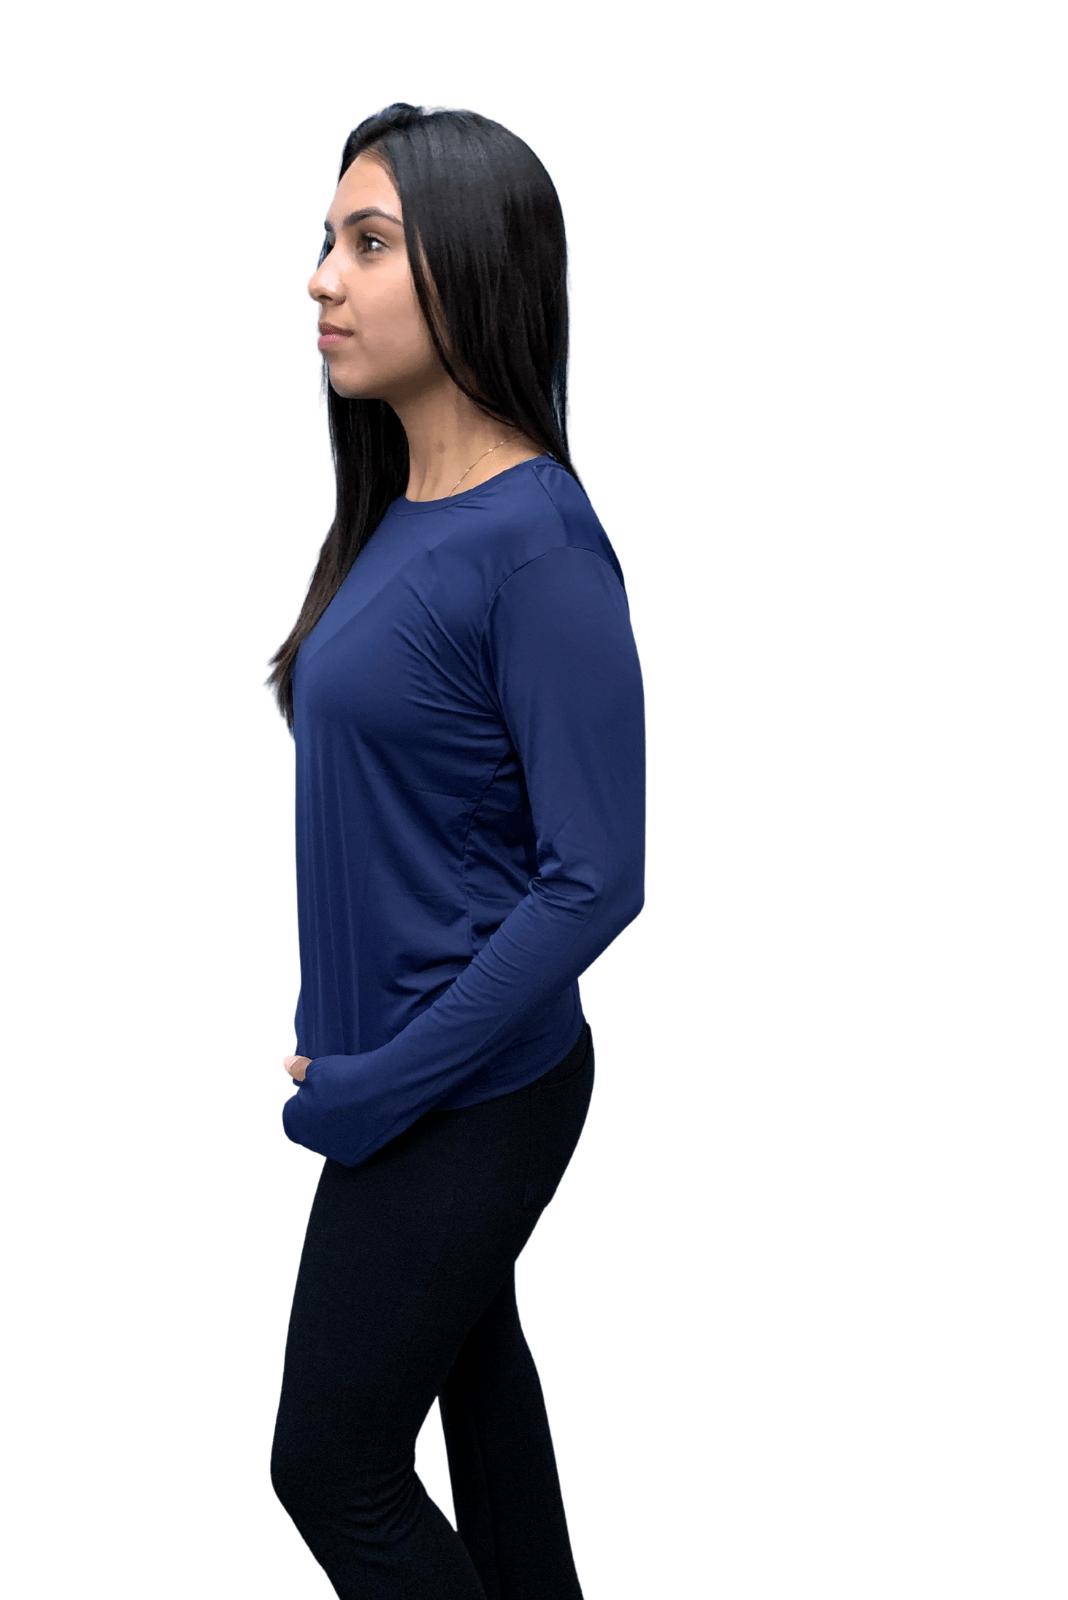 Camiseta Feminina Hifen  UV 50+ Manga Longa Marinho